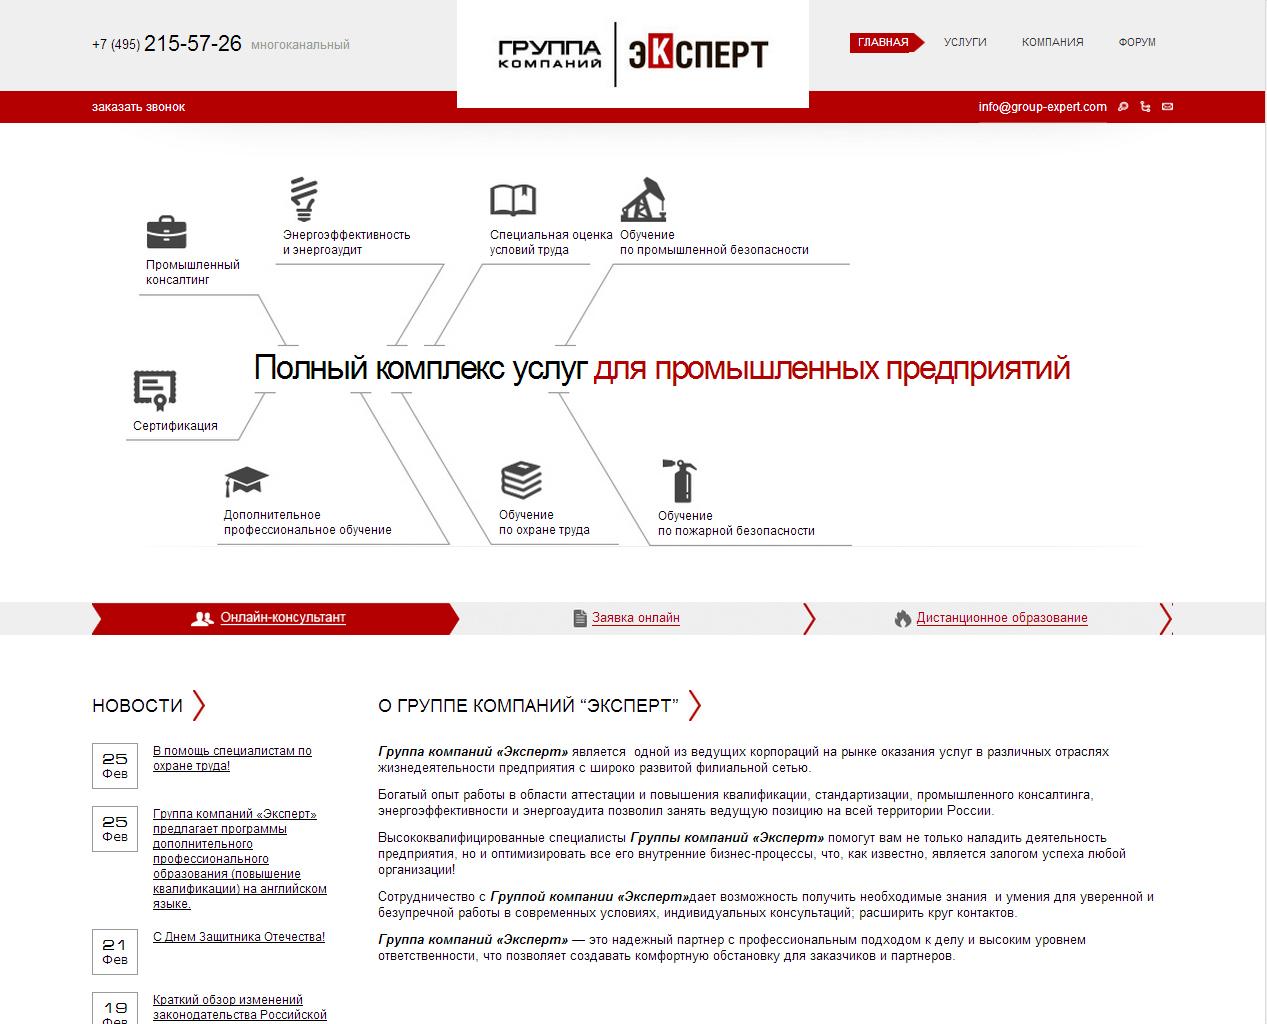 Создание сайта для группы компаний Эксперт